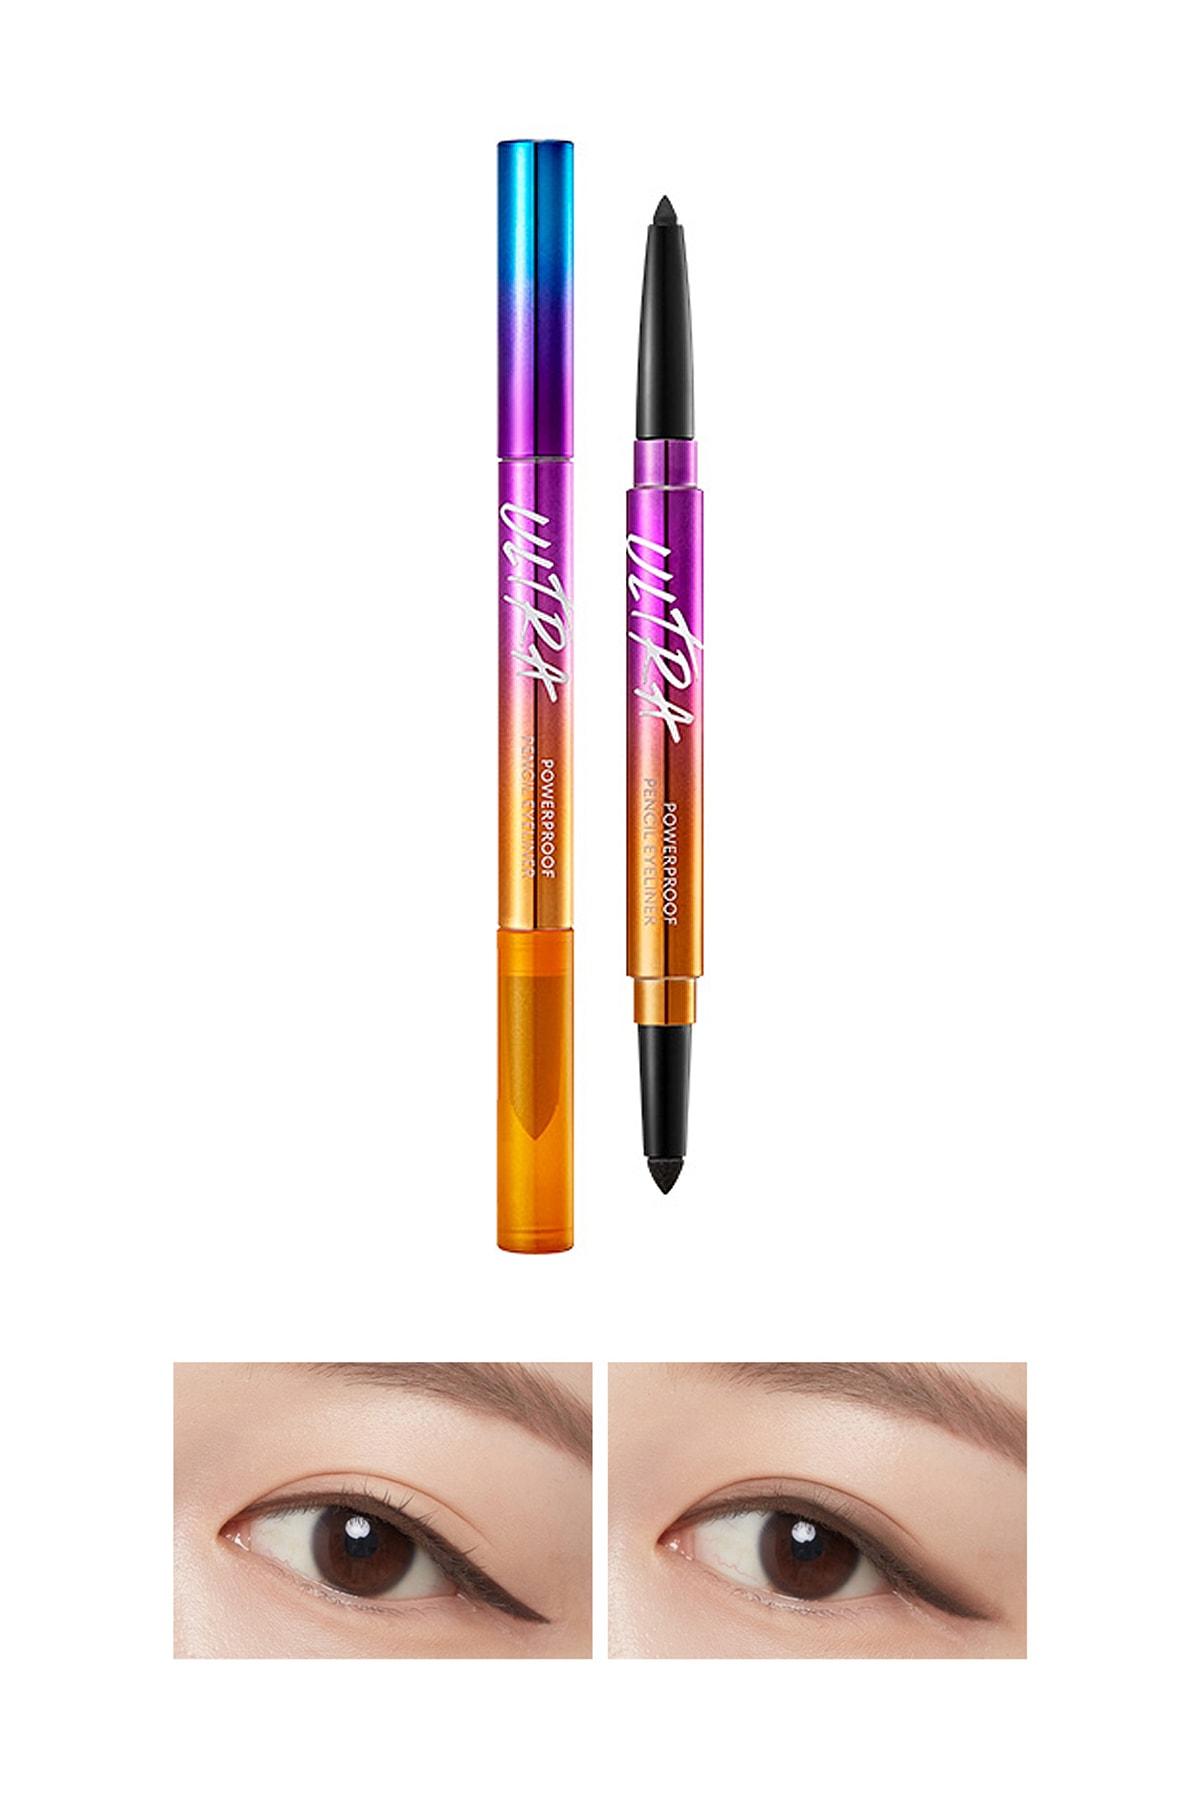 Missha Kalıcı Suya Dayanıklı Jel Göz Kalemi MISSHA Ultra Powerproof Pencil Eyeliner Ash Brown 8809643506199 1